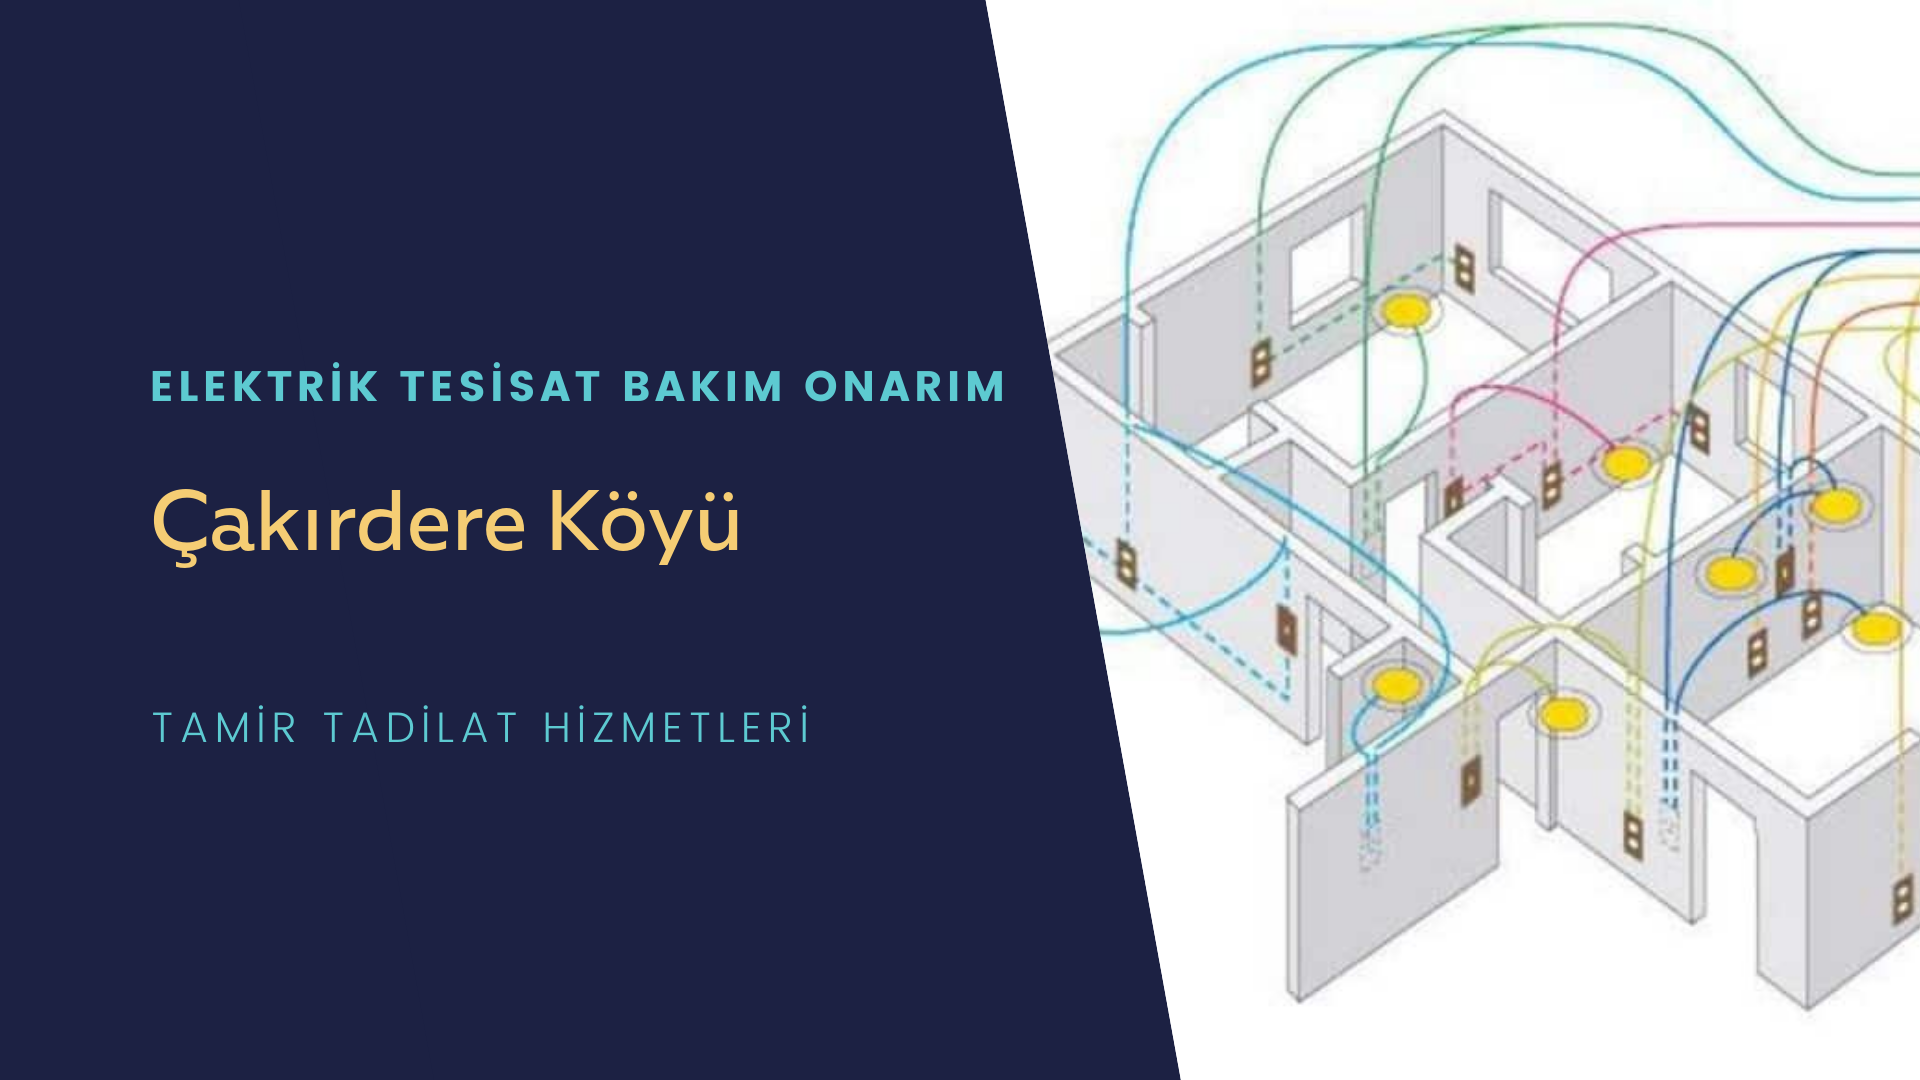 Çakırdere Köyü  elektrik tesisatıustalarımı arıyorsunuz doğru adrestenizi Çakırdere Köyü elektrik tesisatı ustalarımız 7/24 sizlere hizmet vermekten mutluluk duyar.